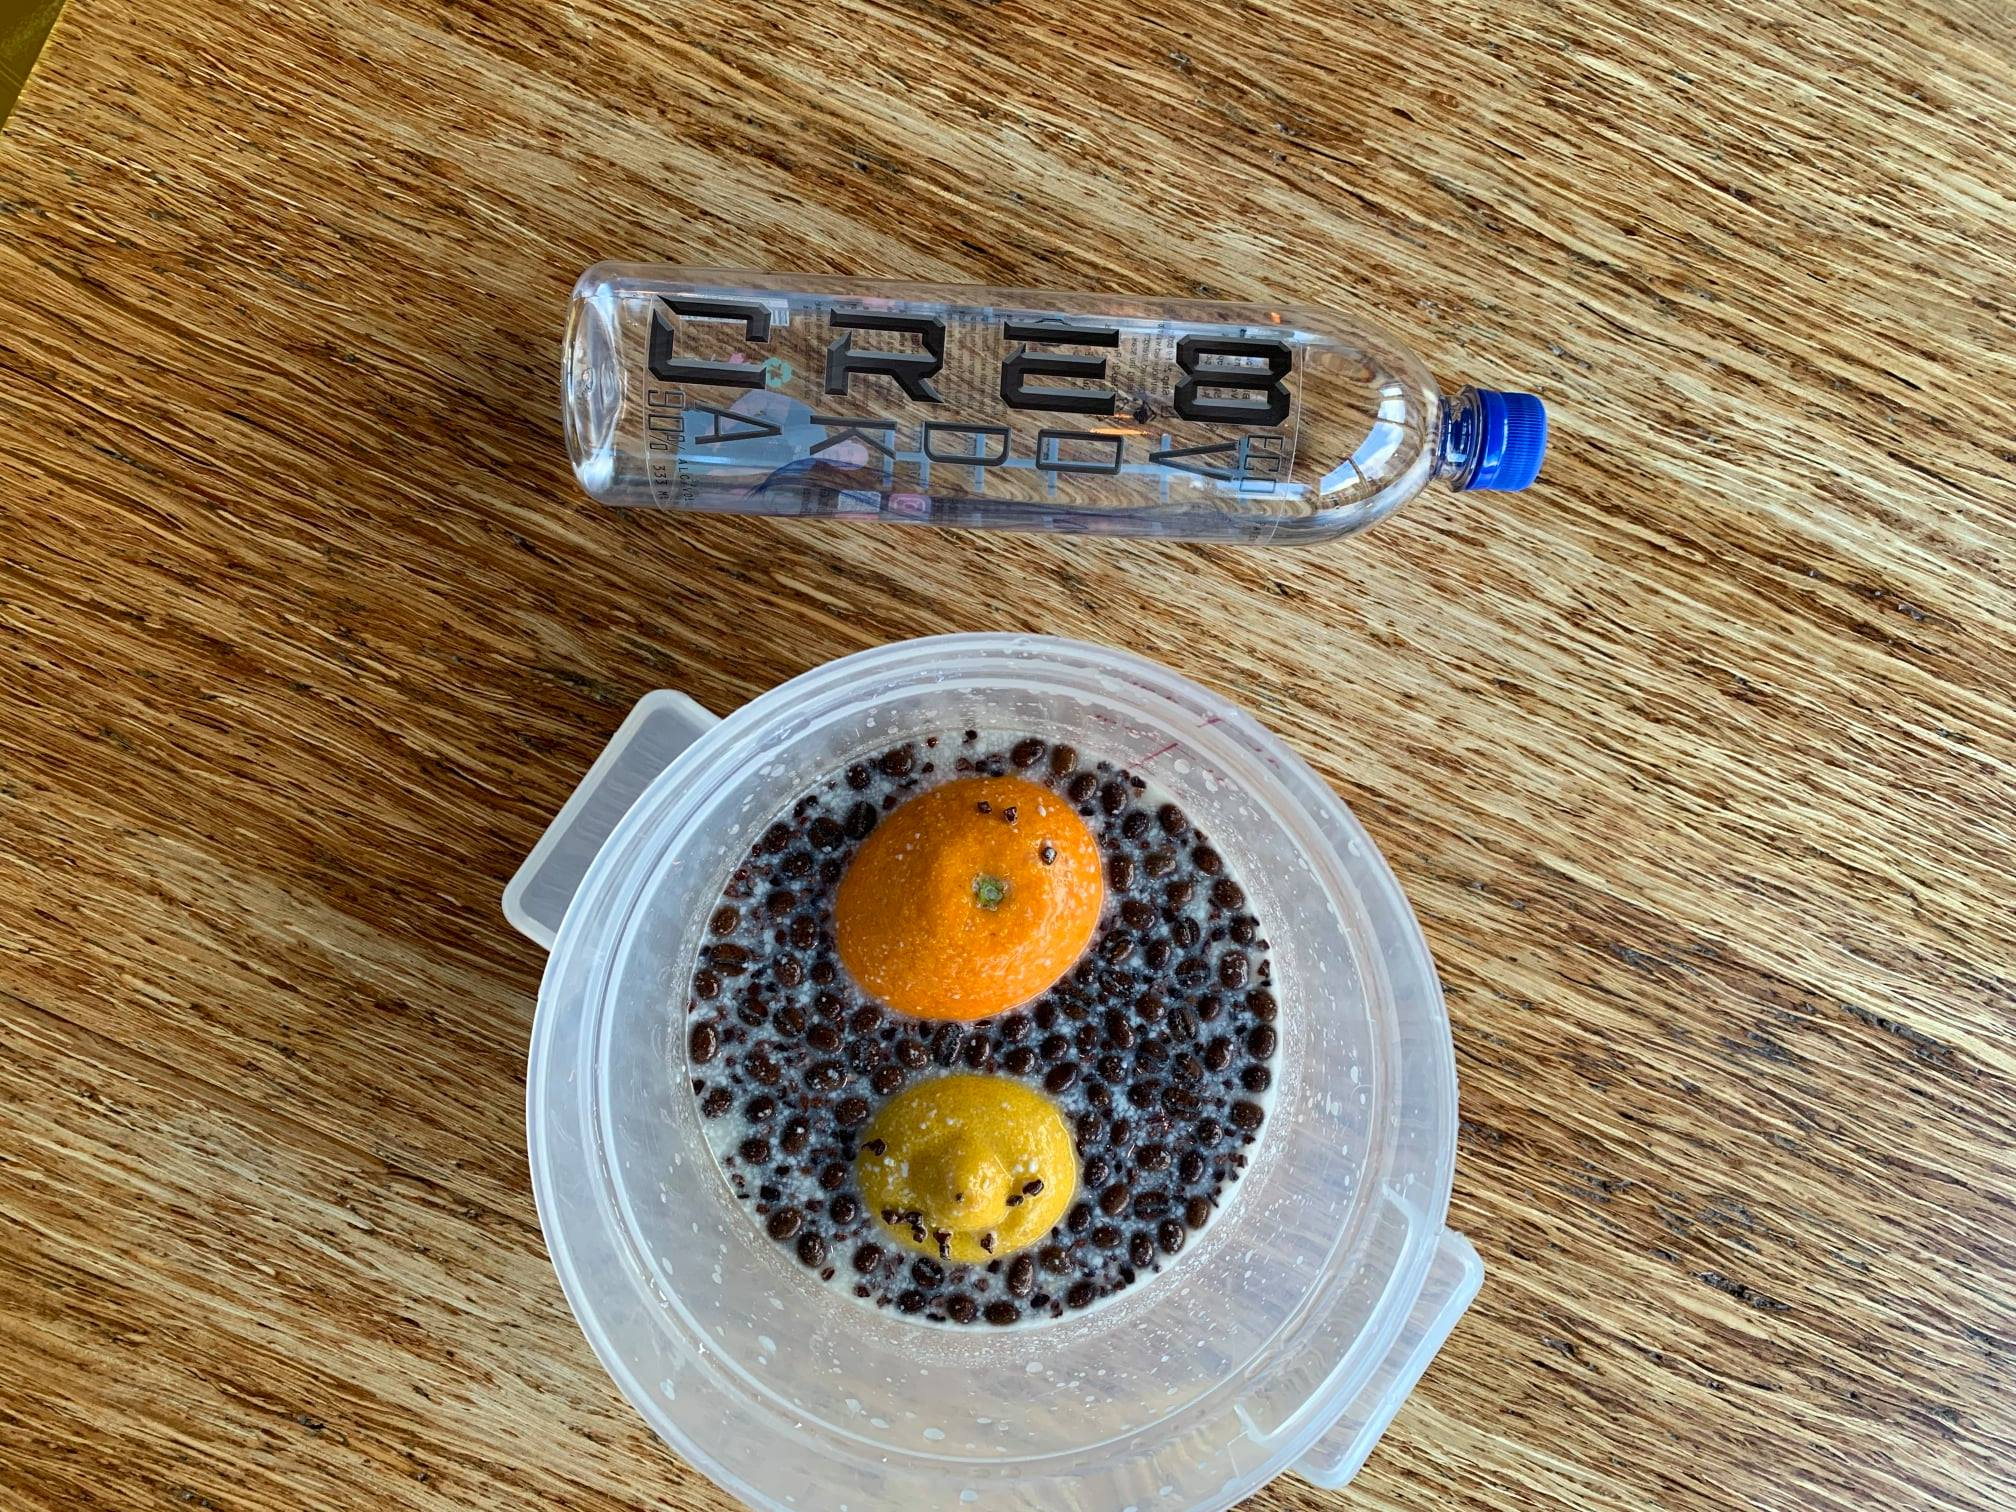 The White Russian Cre8 Eco Vodka CRE8ion